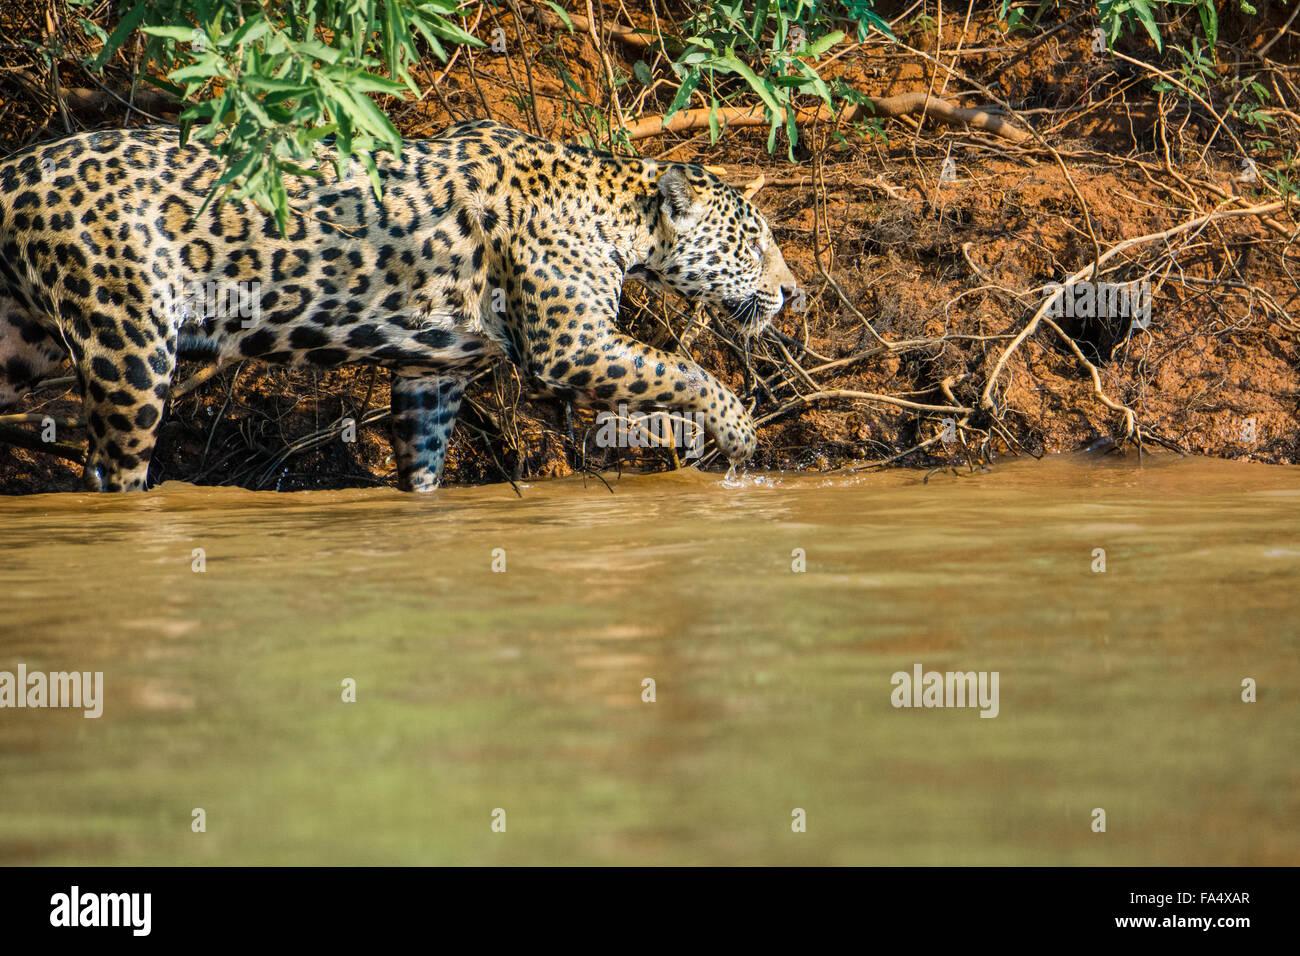 Profil d'une Jaguar, Panthera onca, chasse le long d'une rivière dans le Pantanal, Mato Grosso, Brésil, Photo Stock